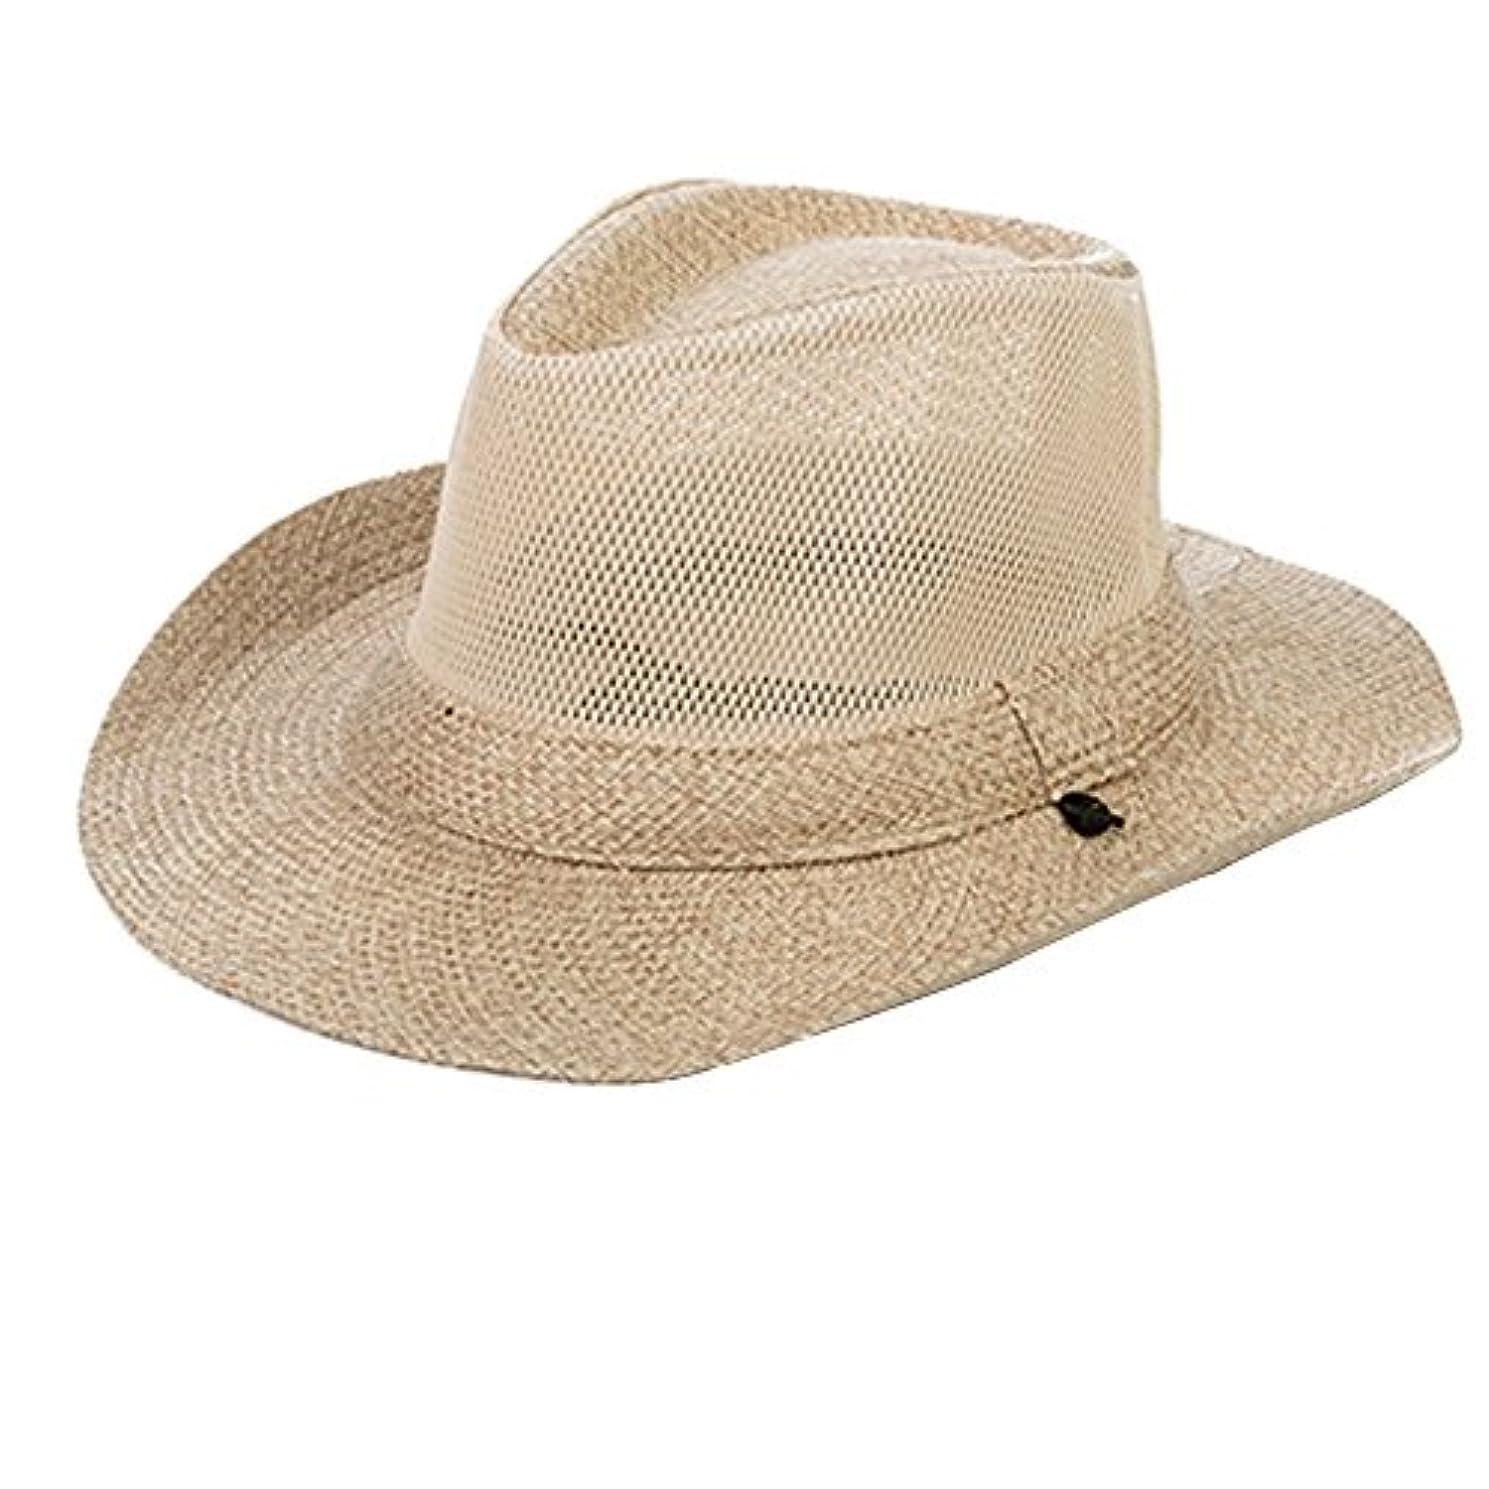 タイヤロイヤリティ咲くFYXD - アウトドアハットメンズバイザー夏日ハット旅行日焼け止めLiangmao漁師帽子編組麦わら帽子は、風ロープビーチハットを装備 (色 : ベージュ)